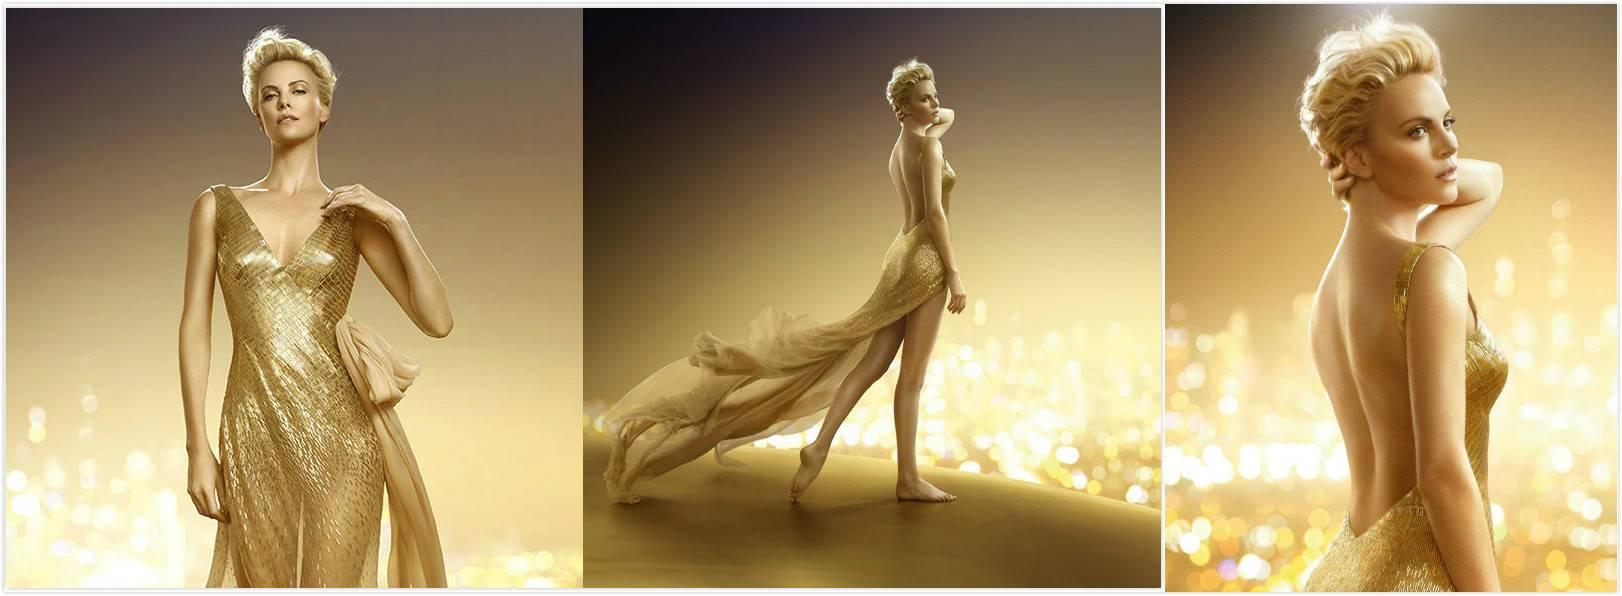 """她是真我香水的缪斯女神,更是dior迪奥品牌故事中的""""女主角""""之一."""